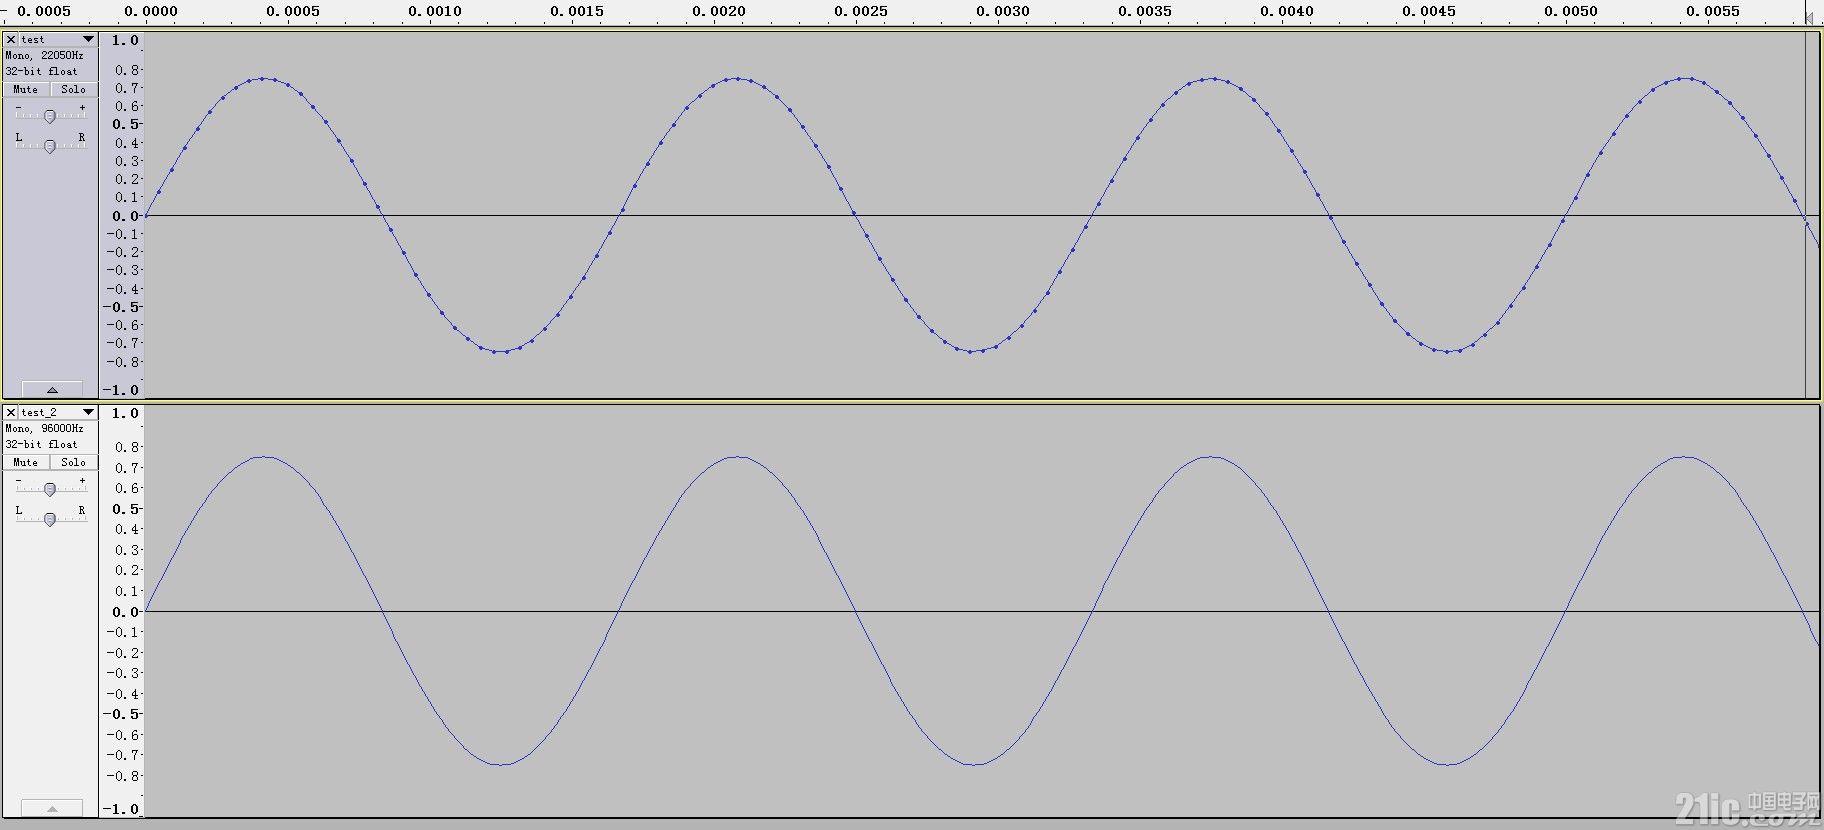 图 22050采样率的波形对比96000采样率的波形.jpg